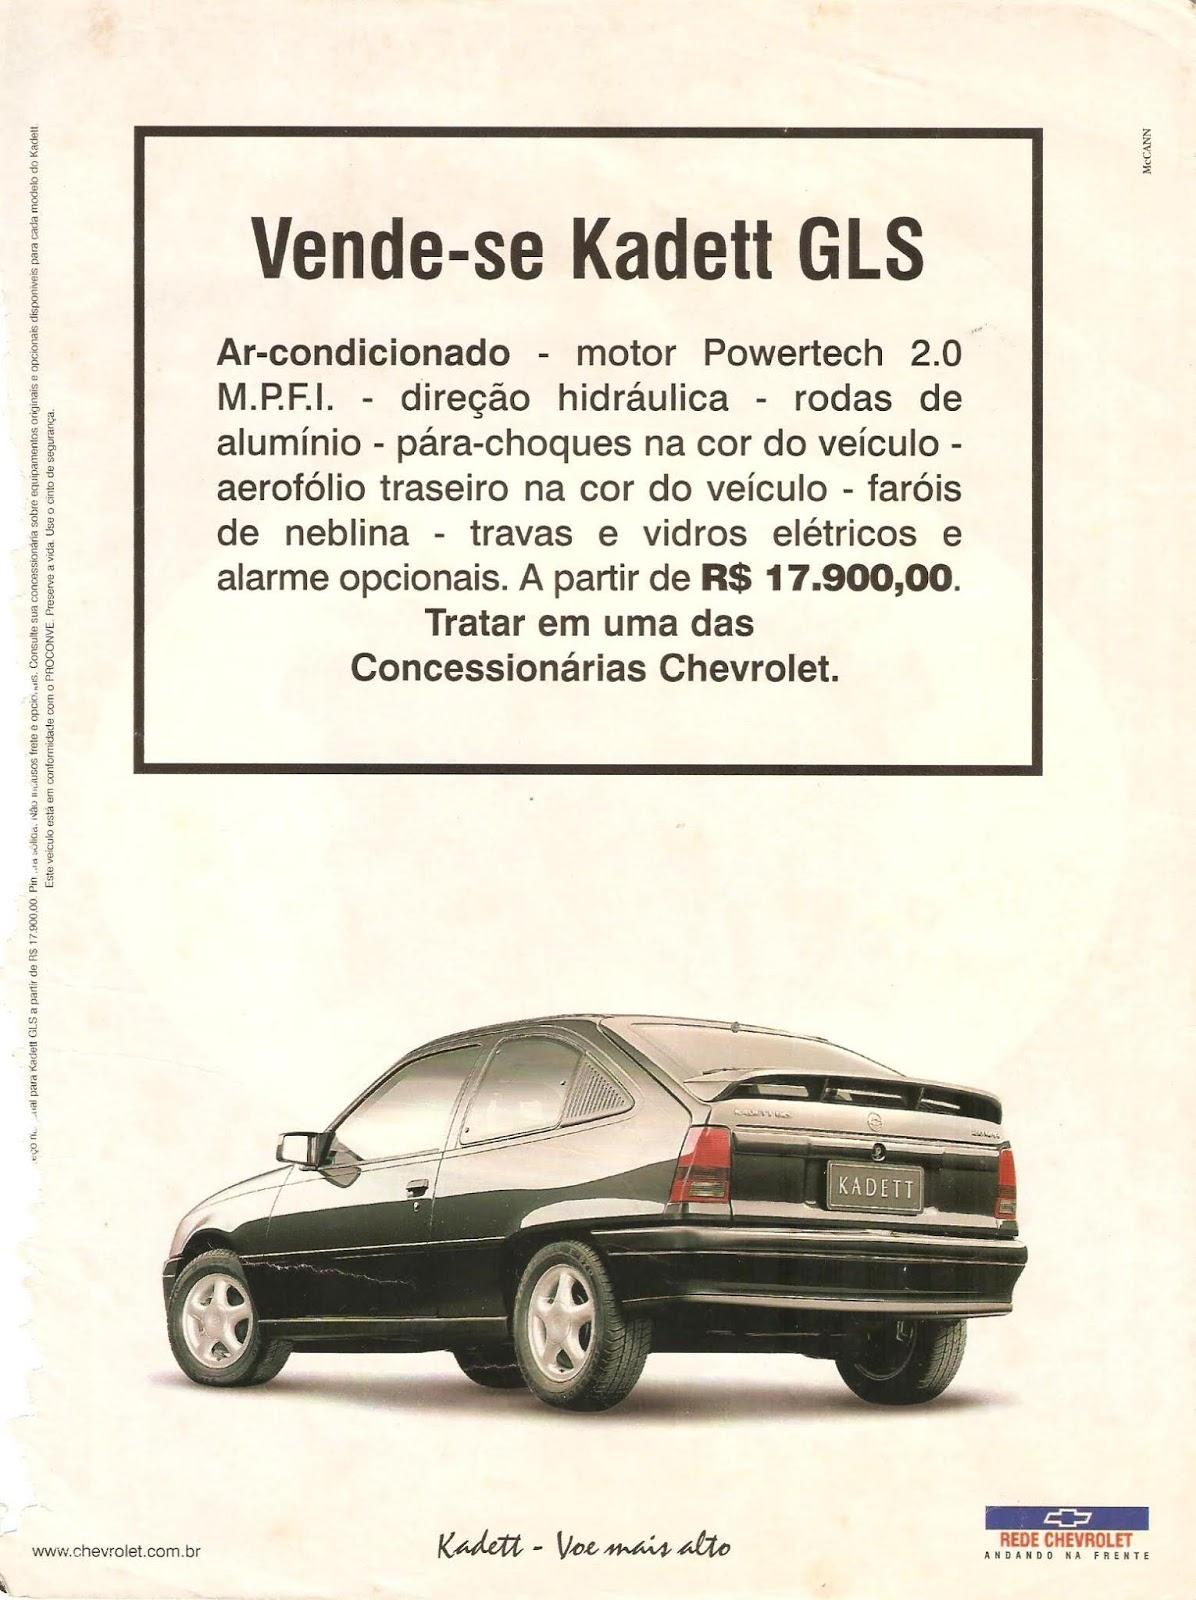 Campanha publicitaria do Kadett em 1998 apresentando a versão GLS do automóvel